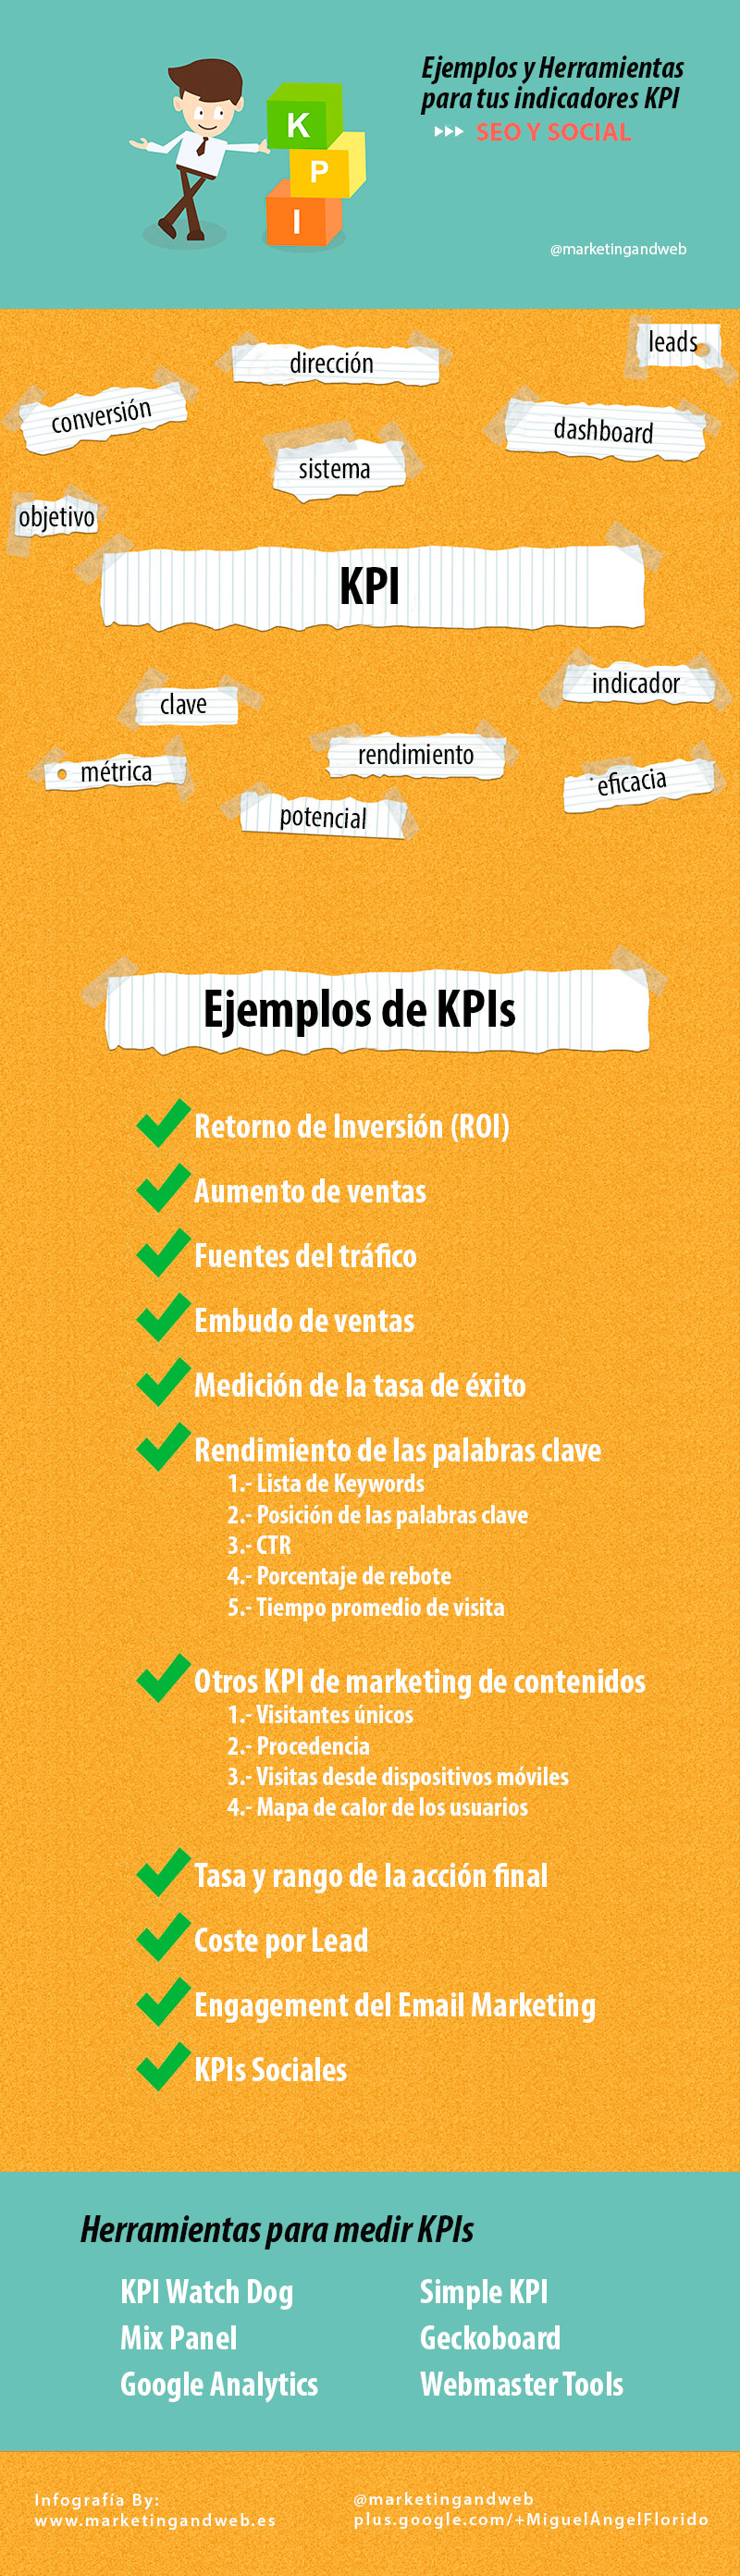 Ejemplos y herramientas para tus indicadores KPI: SEO y Social